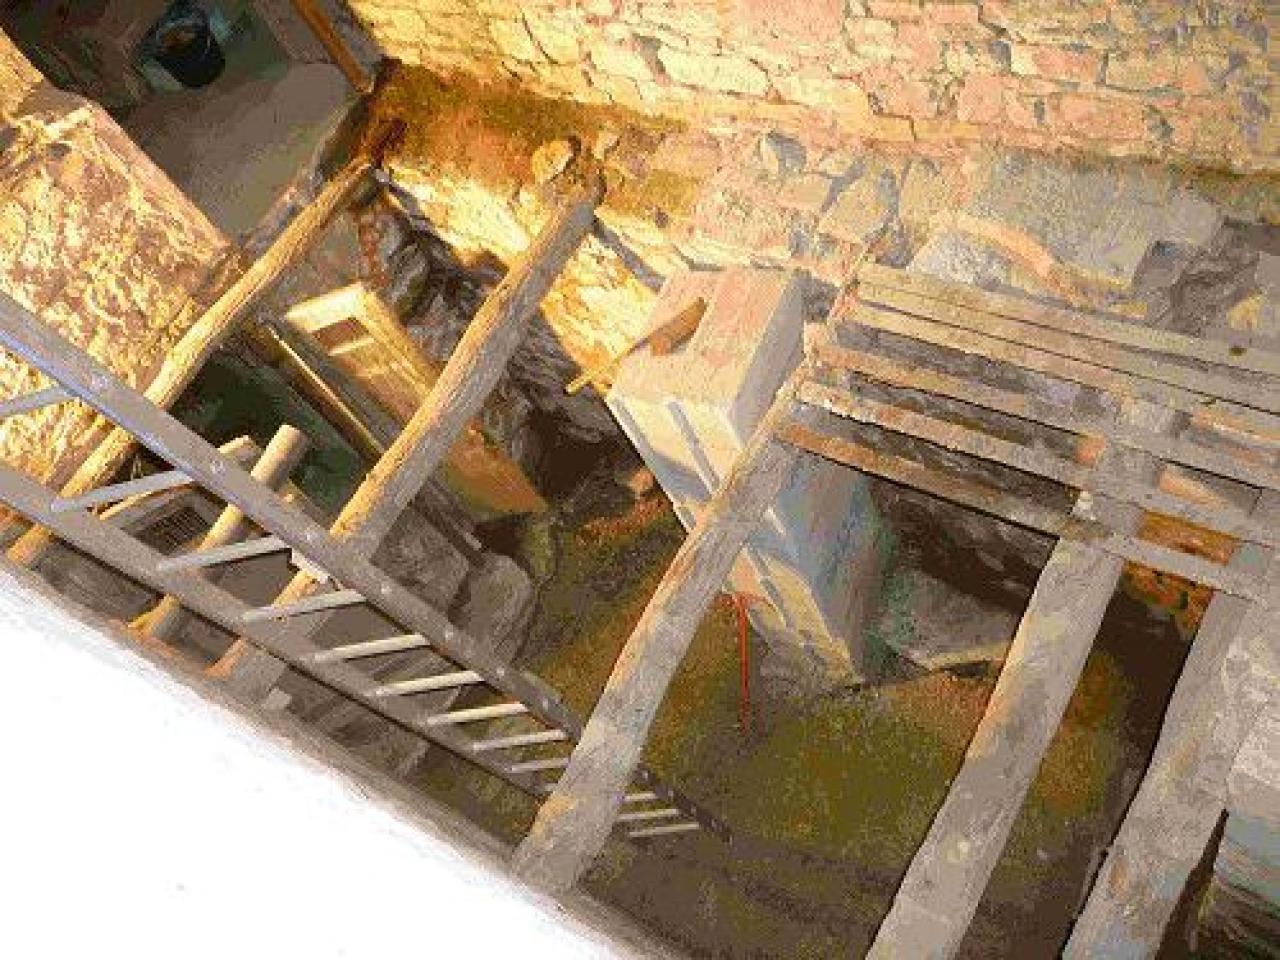 Quelles solutions pour r alisation plancher bois - Espacement bastaing pour plancher ...